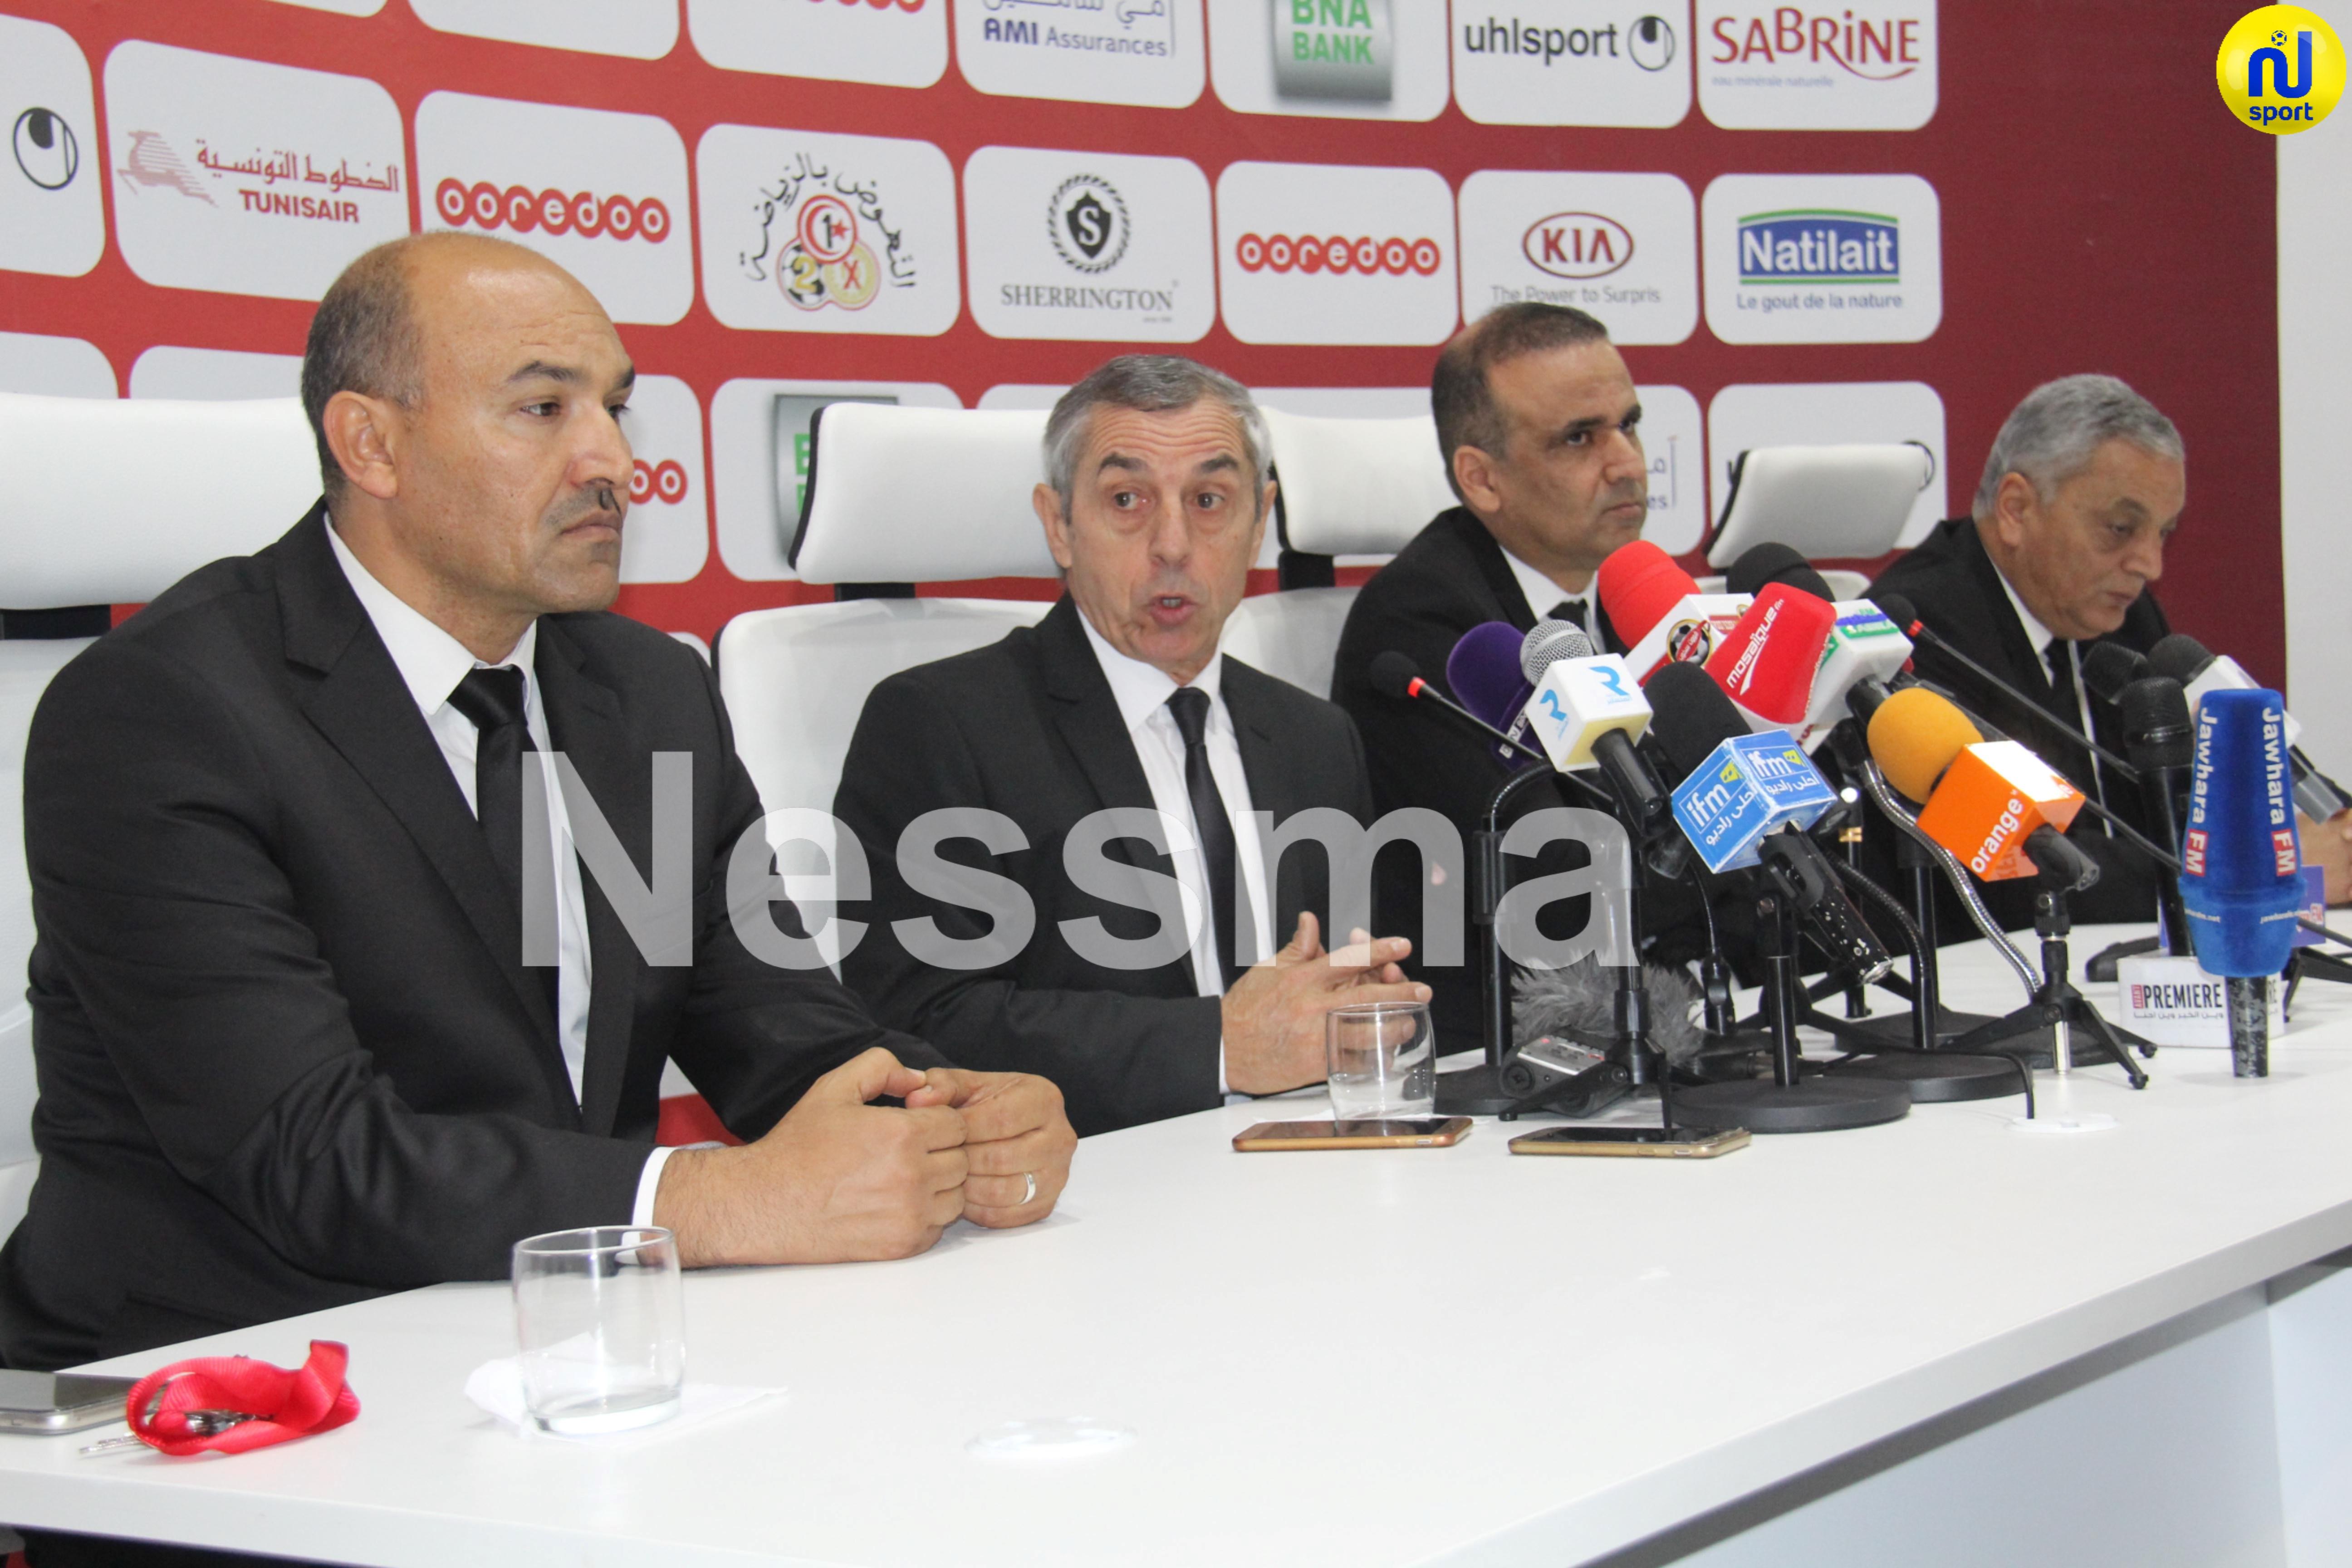 صورة الندوة الصحفية الخاصة بتقديم المدرب الوطني الجديد ألان جيراس